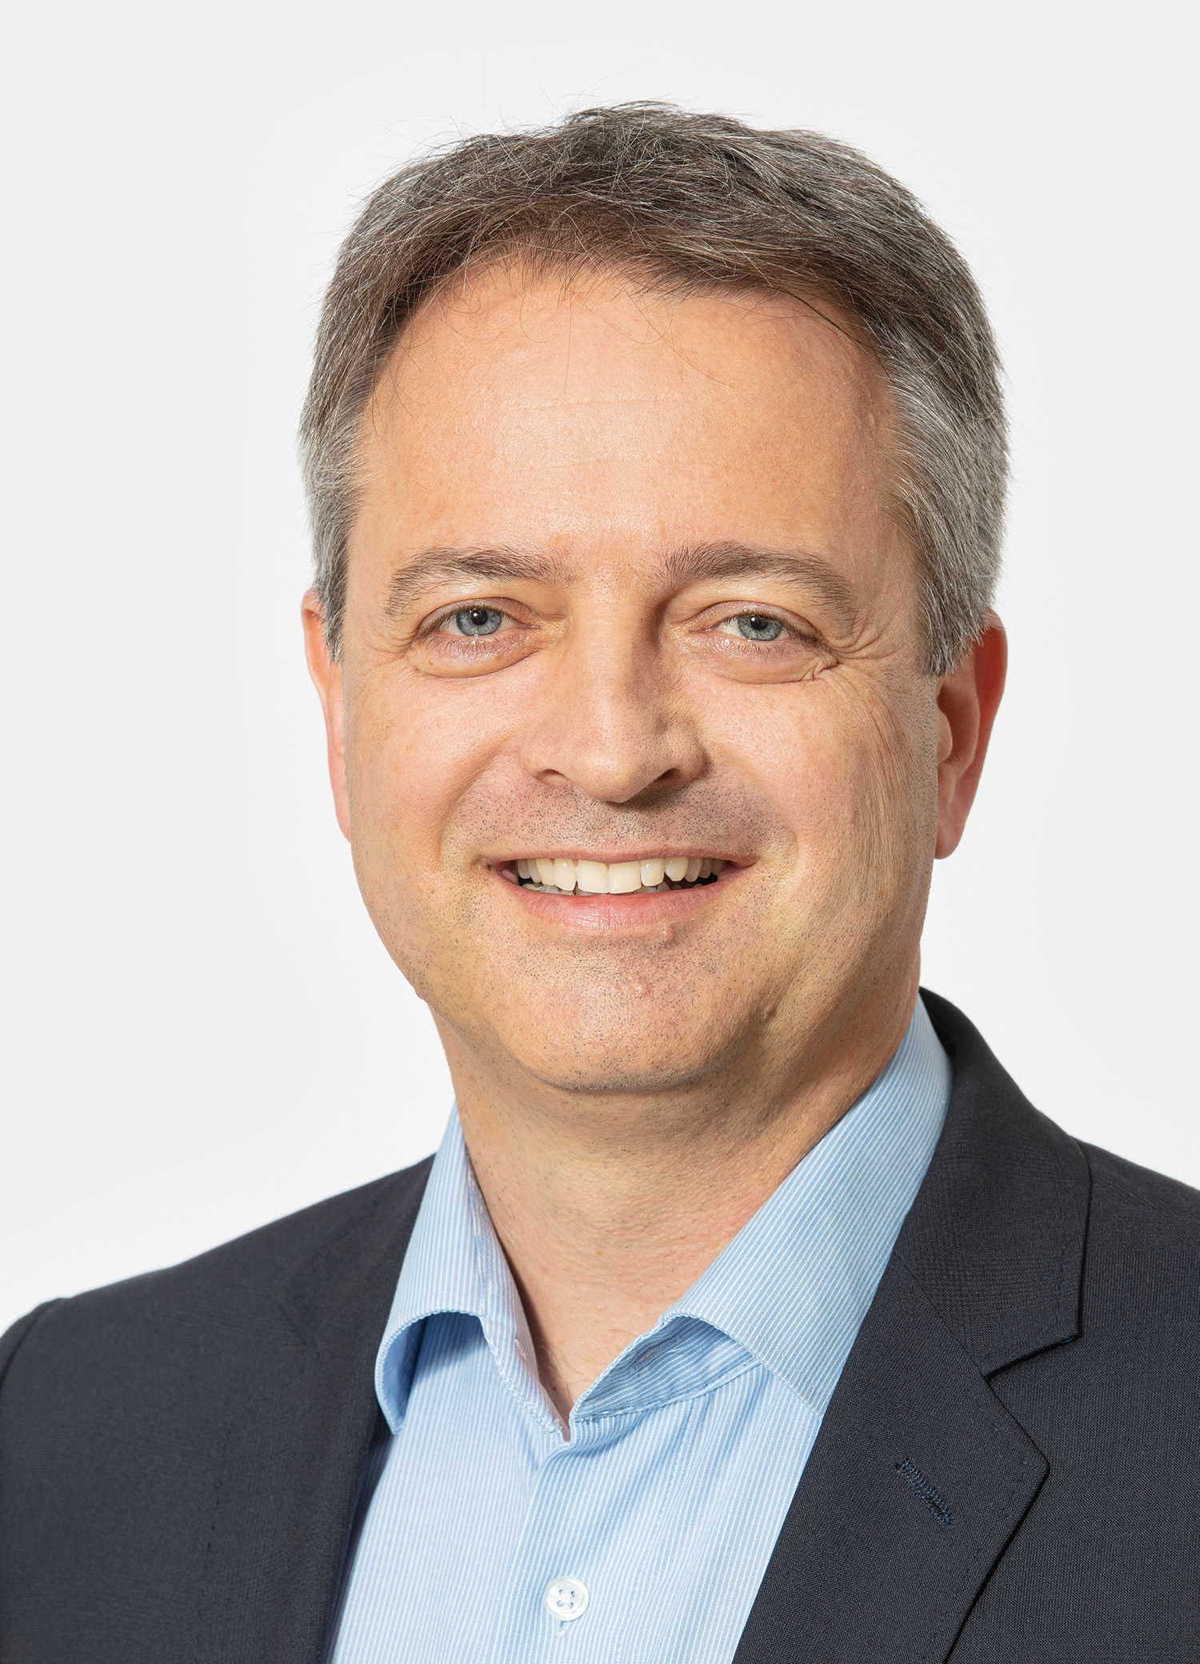 Jürgen Salzmann